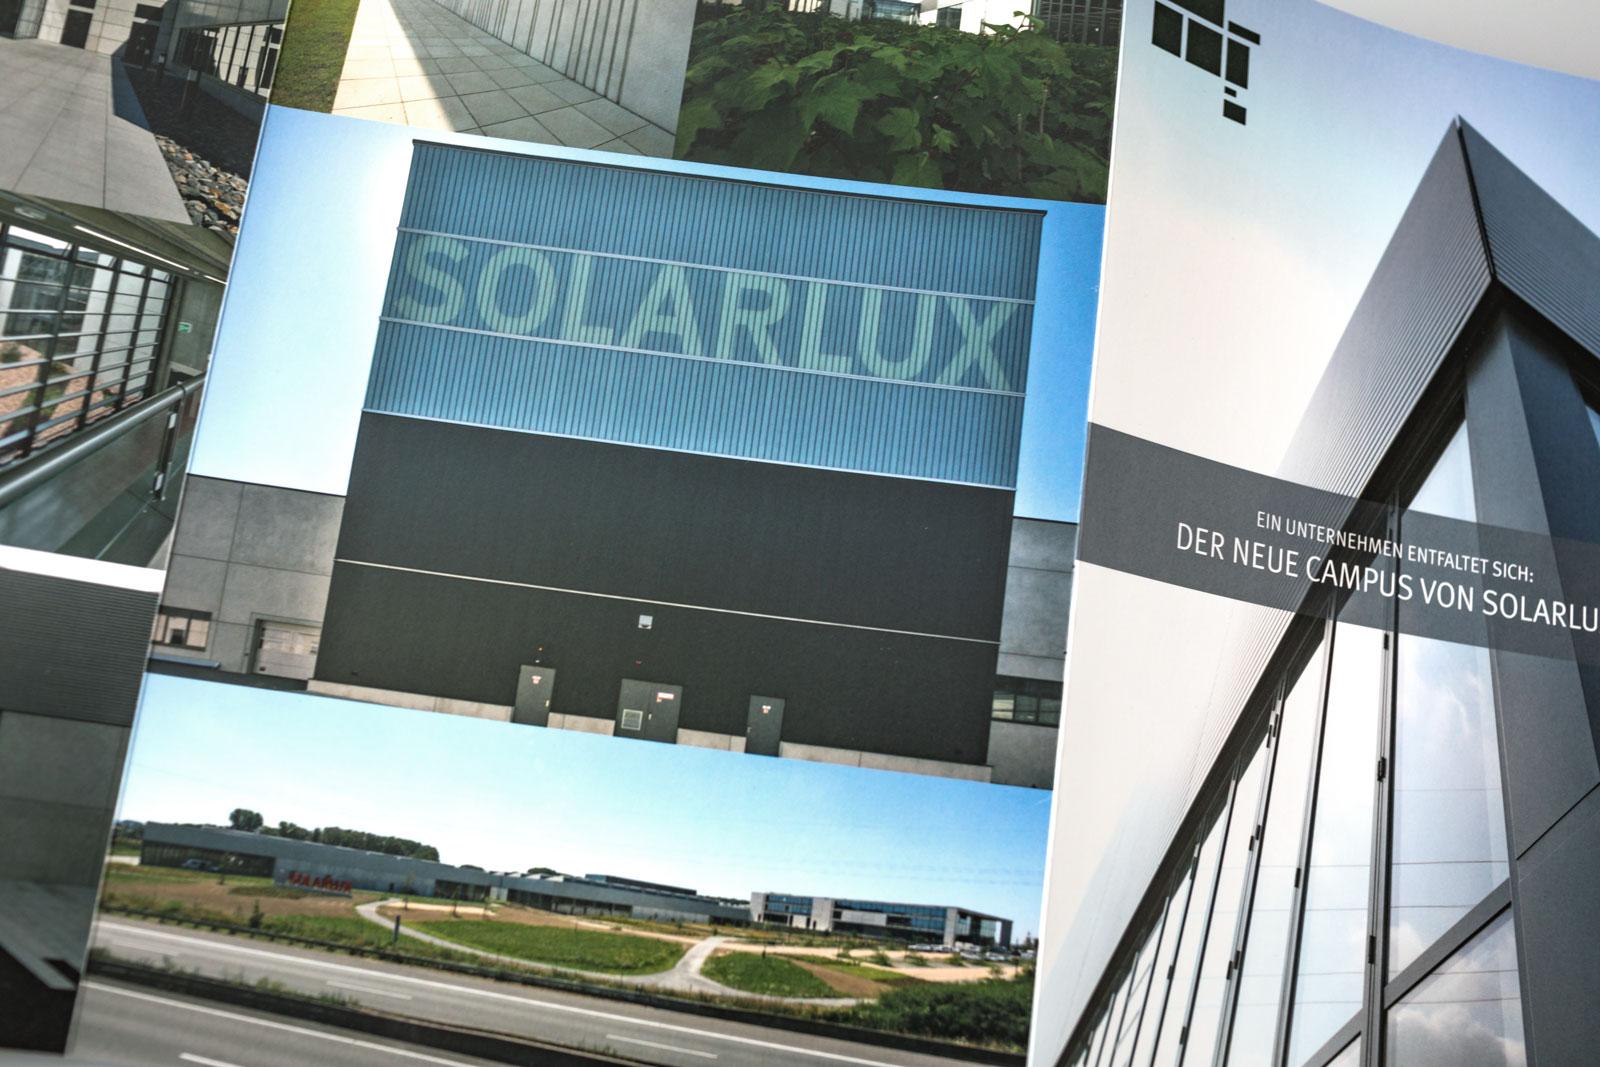 DIA179 Solarlux Campus Broschuere